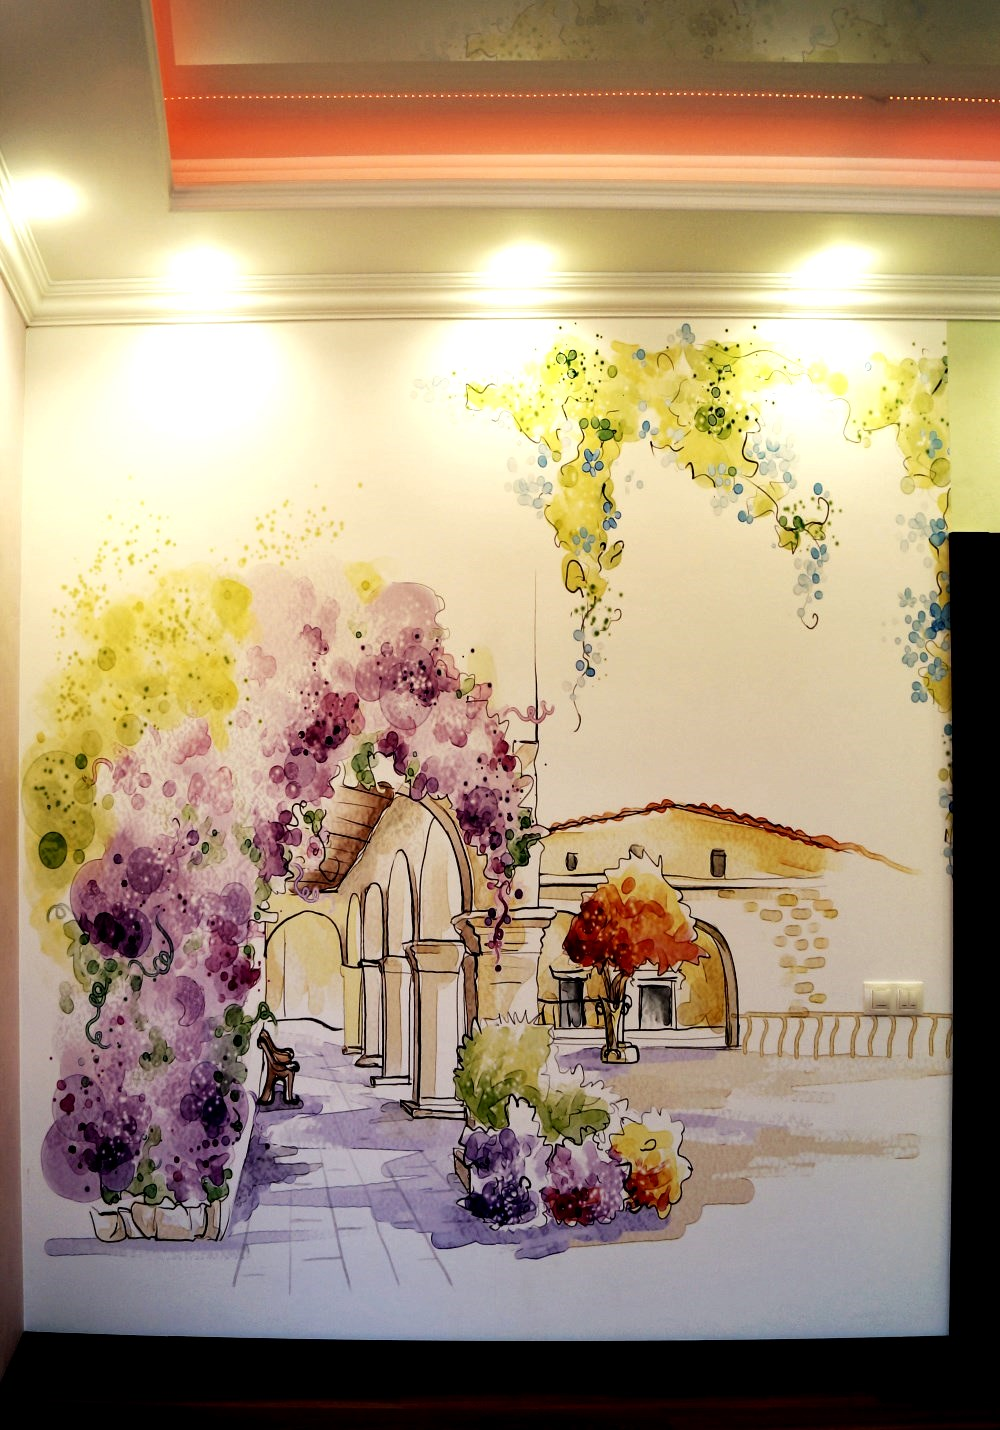 Панно из фото обоев на стене в детской комнате девочки